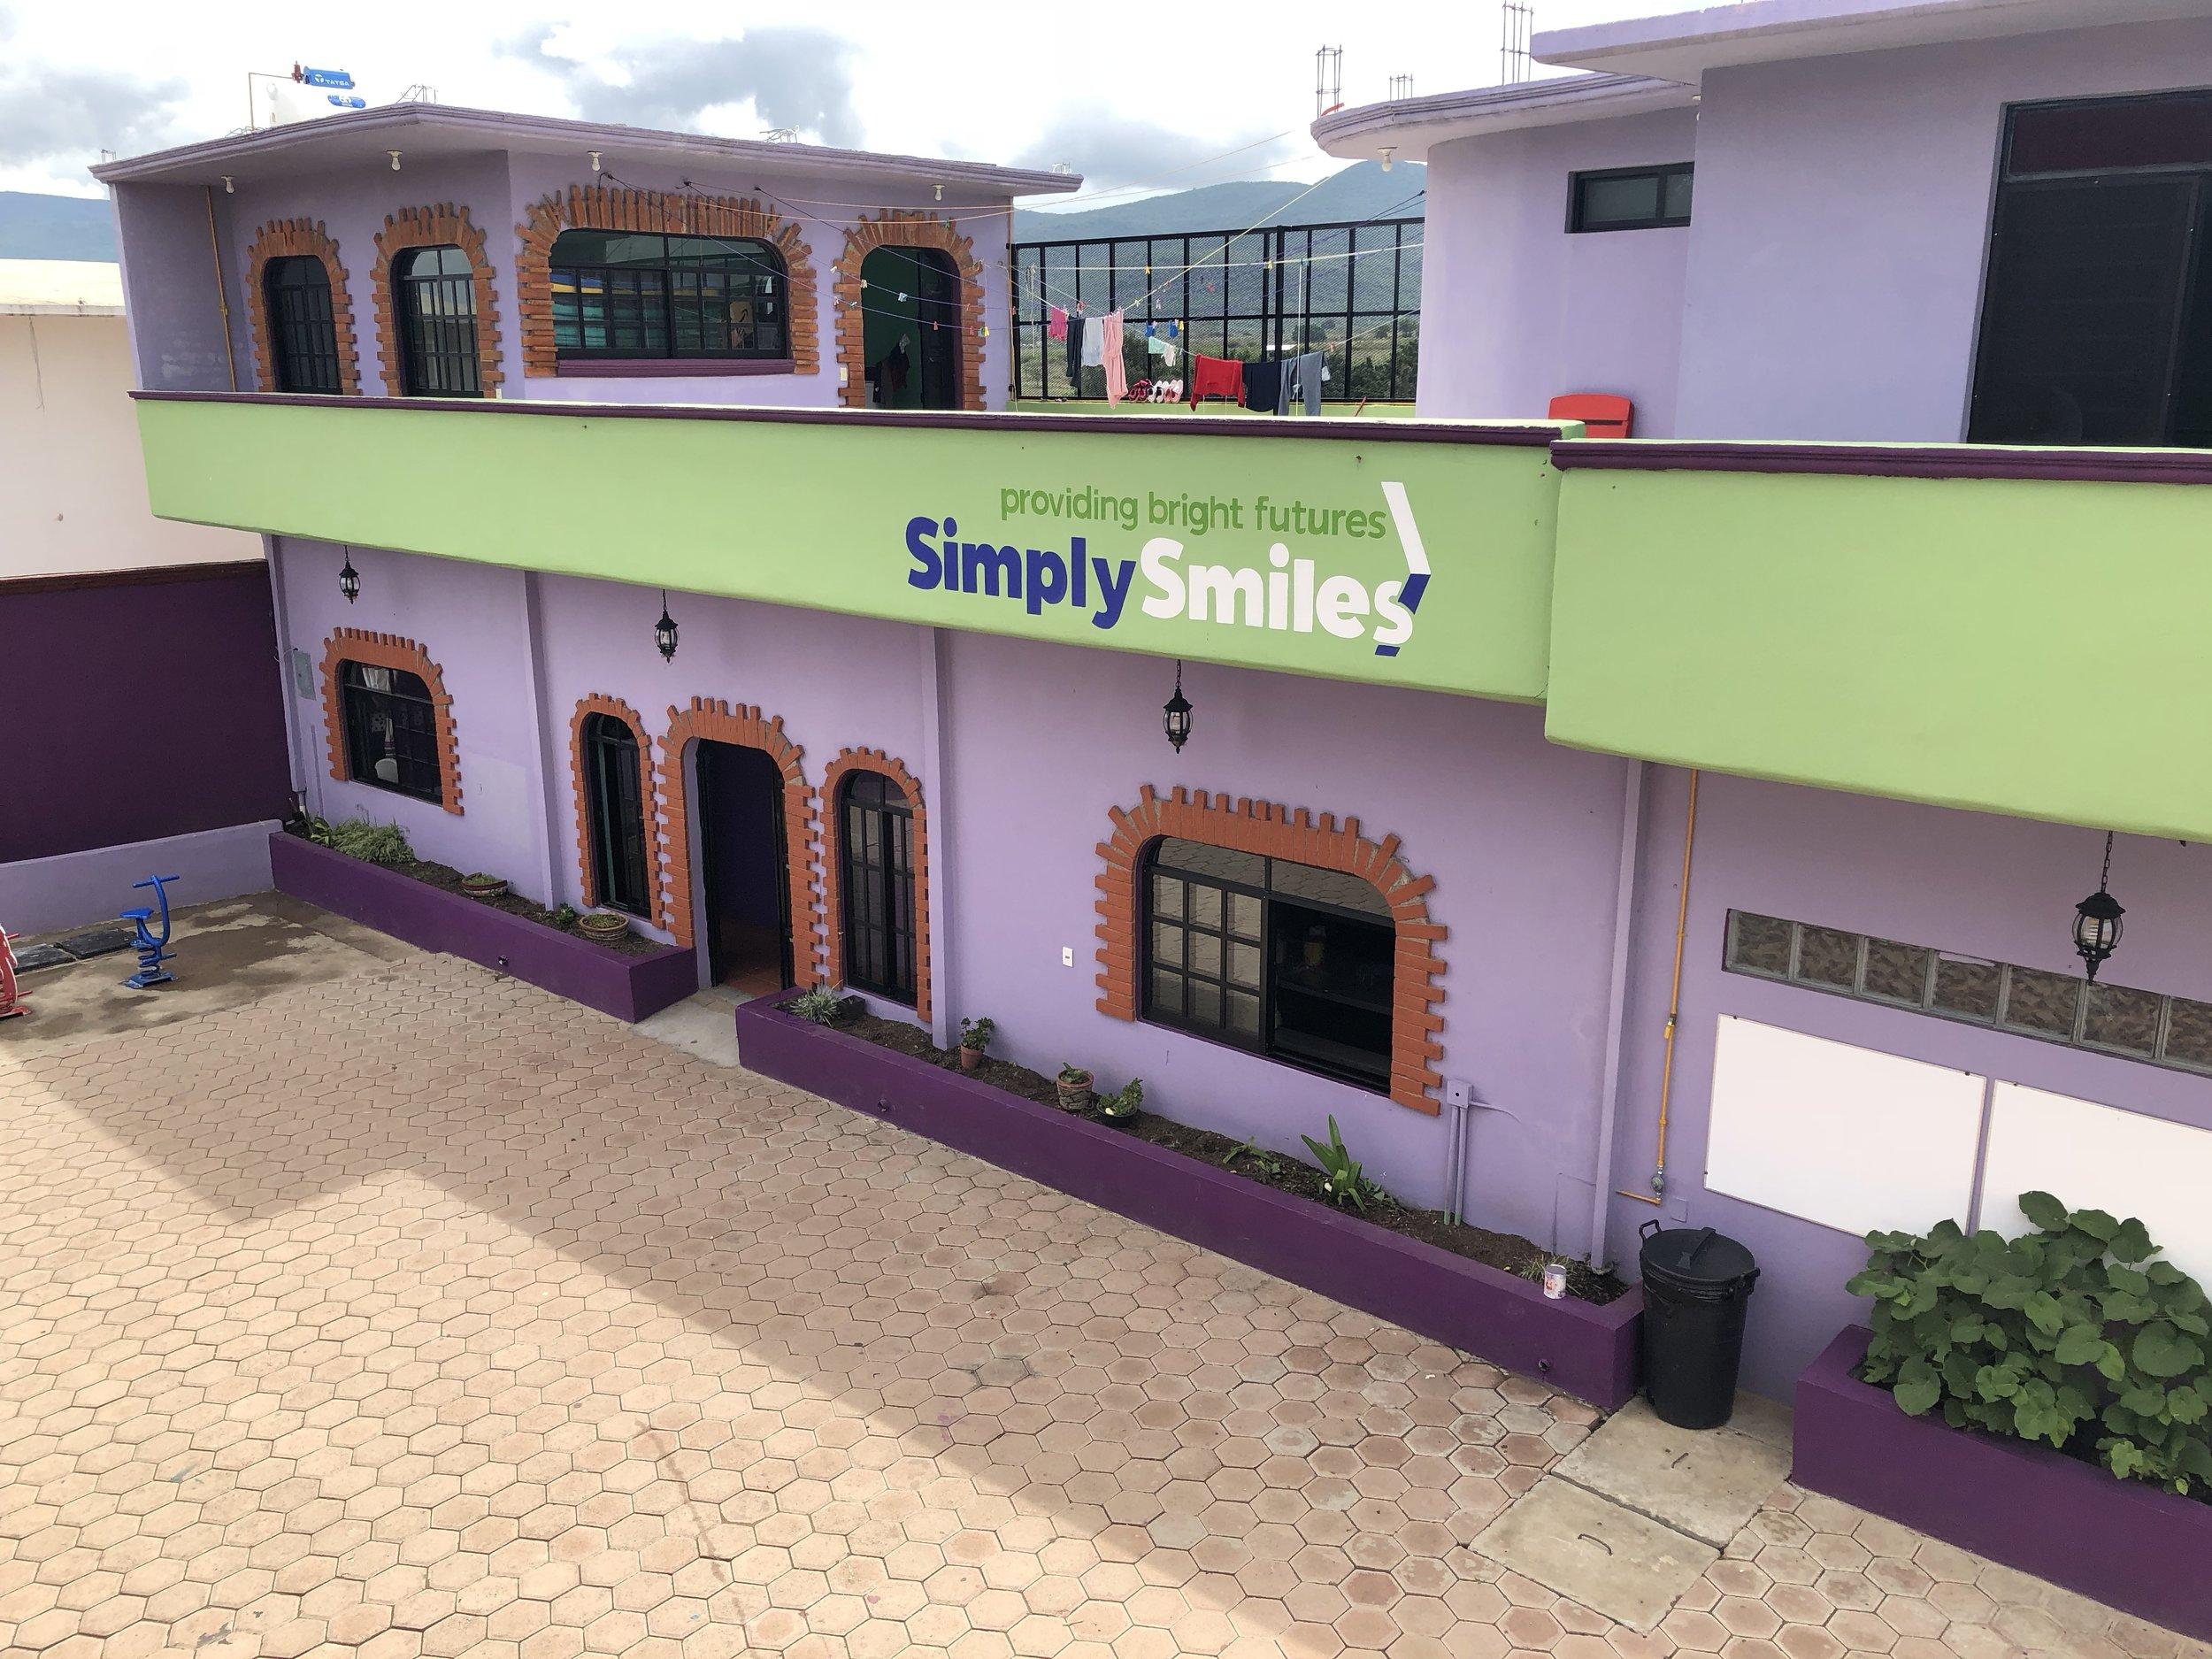 La Casa Hogar Simply Smiles: Un entorno  seguro ,  estable , y  divertido  para que niños de todas las edades puedan  aprender ,  crecer  y  prosperar  y obtener el futuro que se merecen.